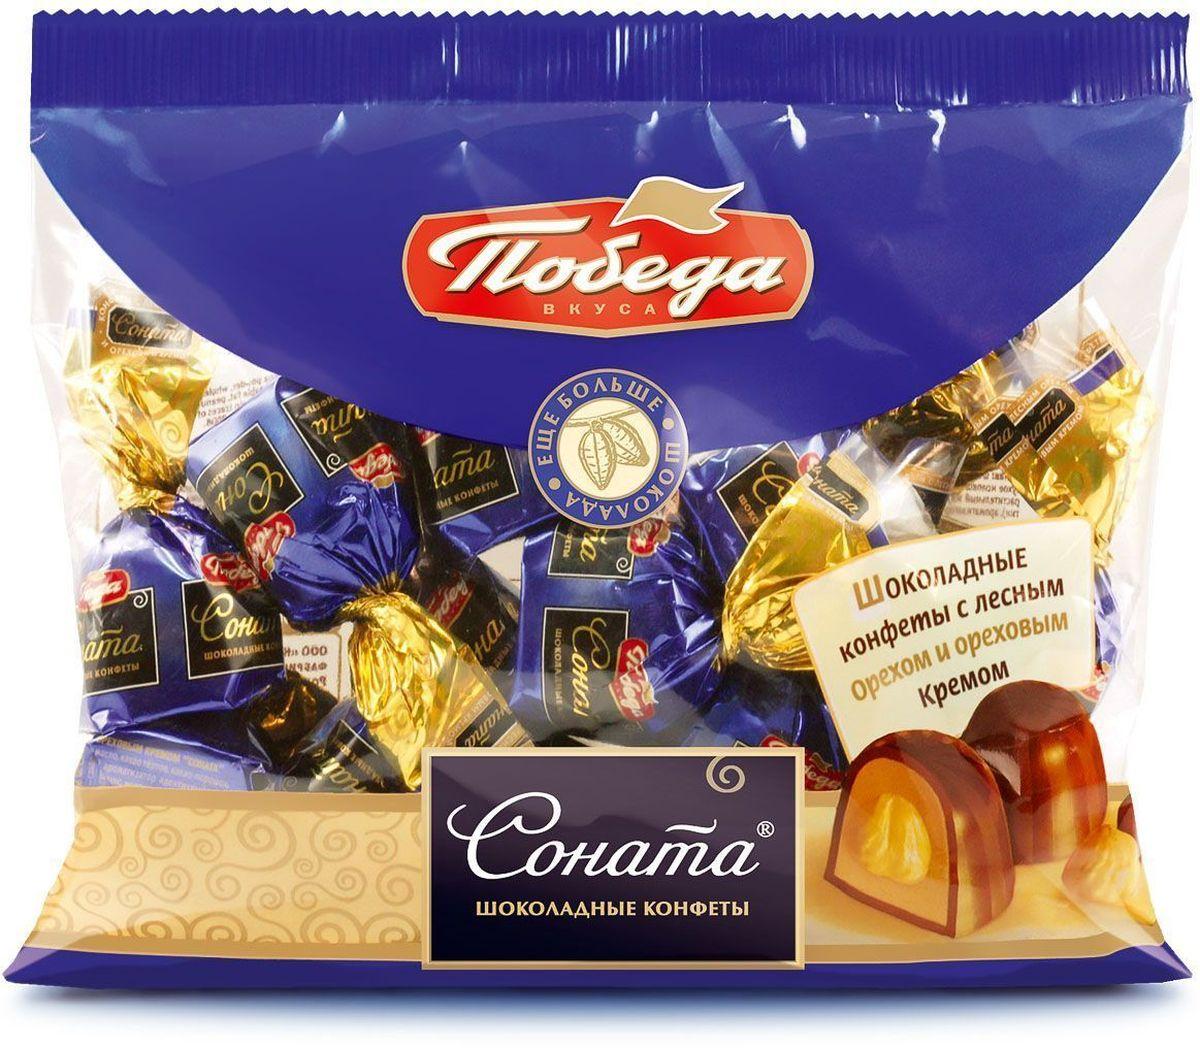 Победа вкуса Соната шоколадные конфеты с лесным орехом и ореховым кремом, 200 г шоколадные годы конфеты ассорти 190 г